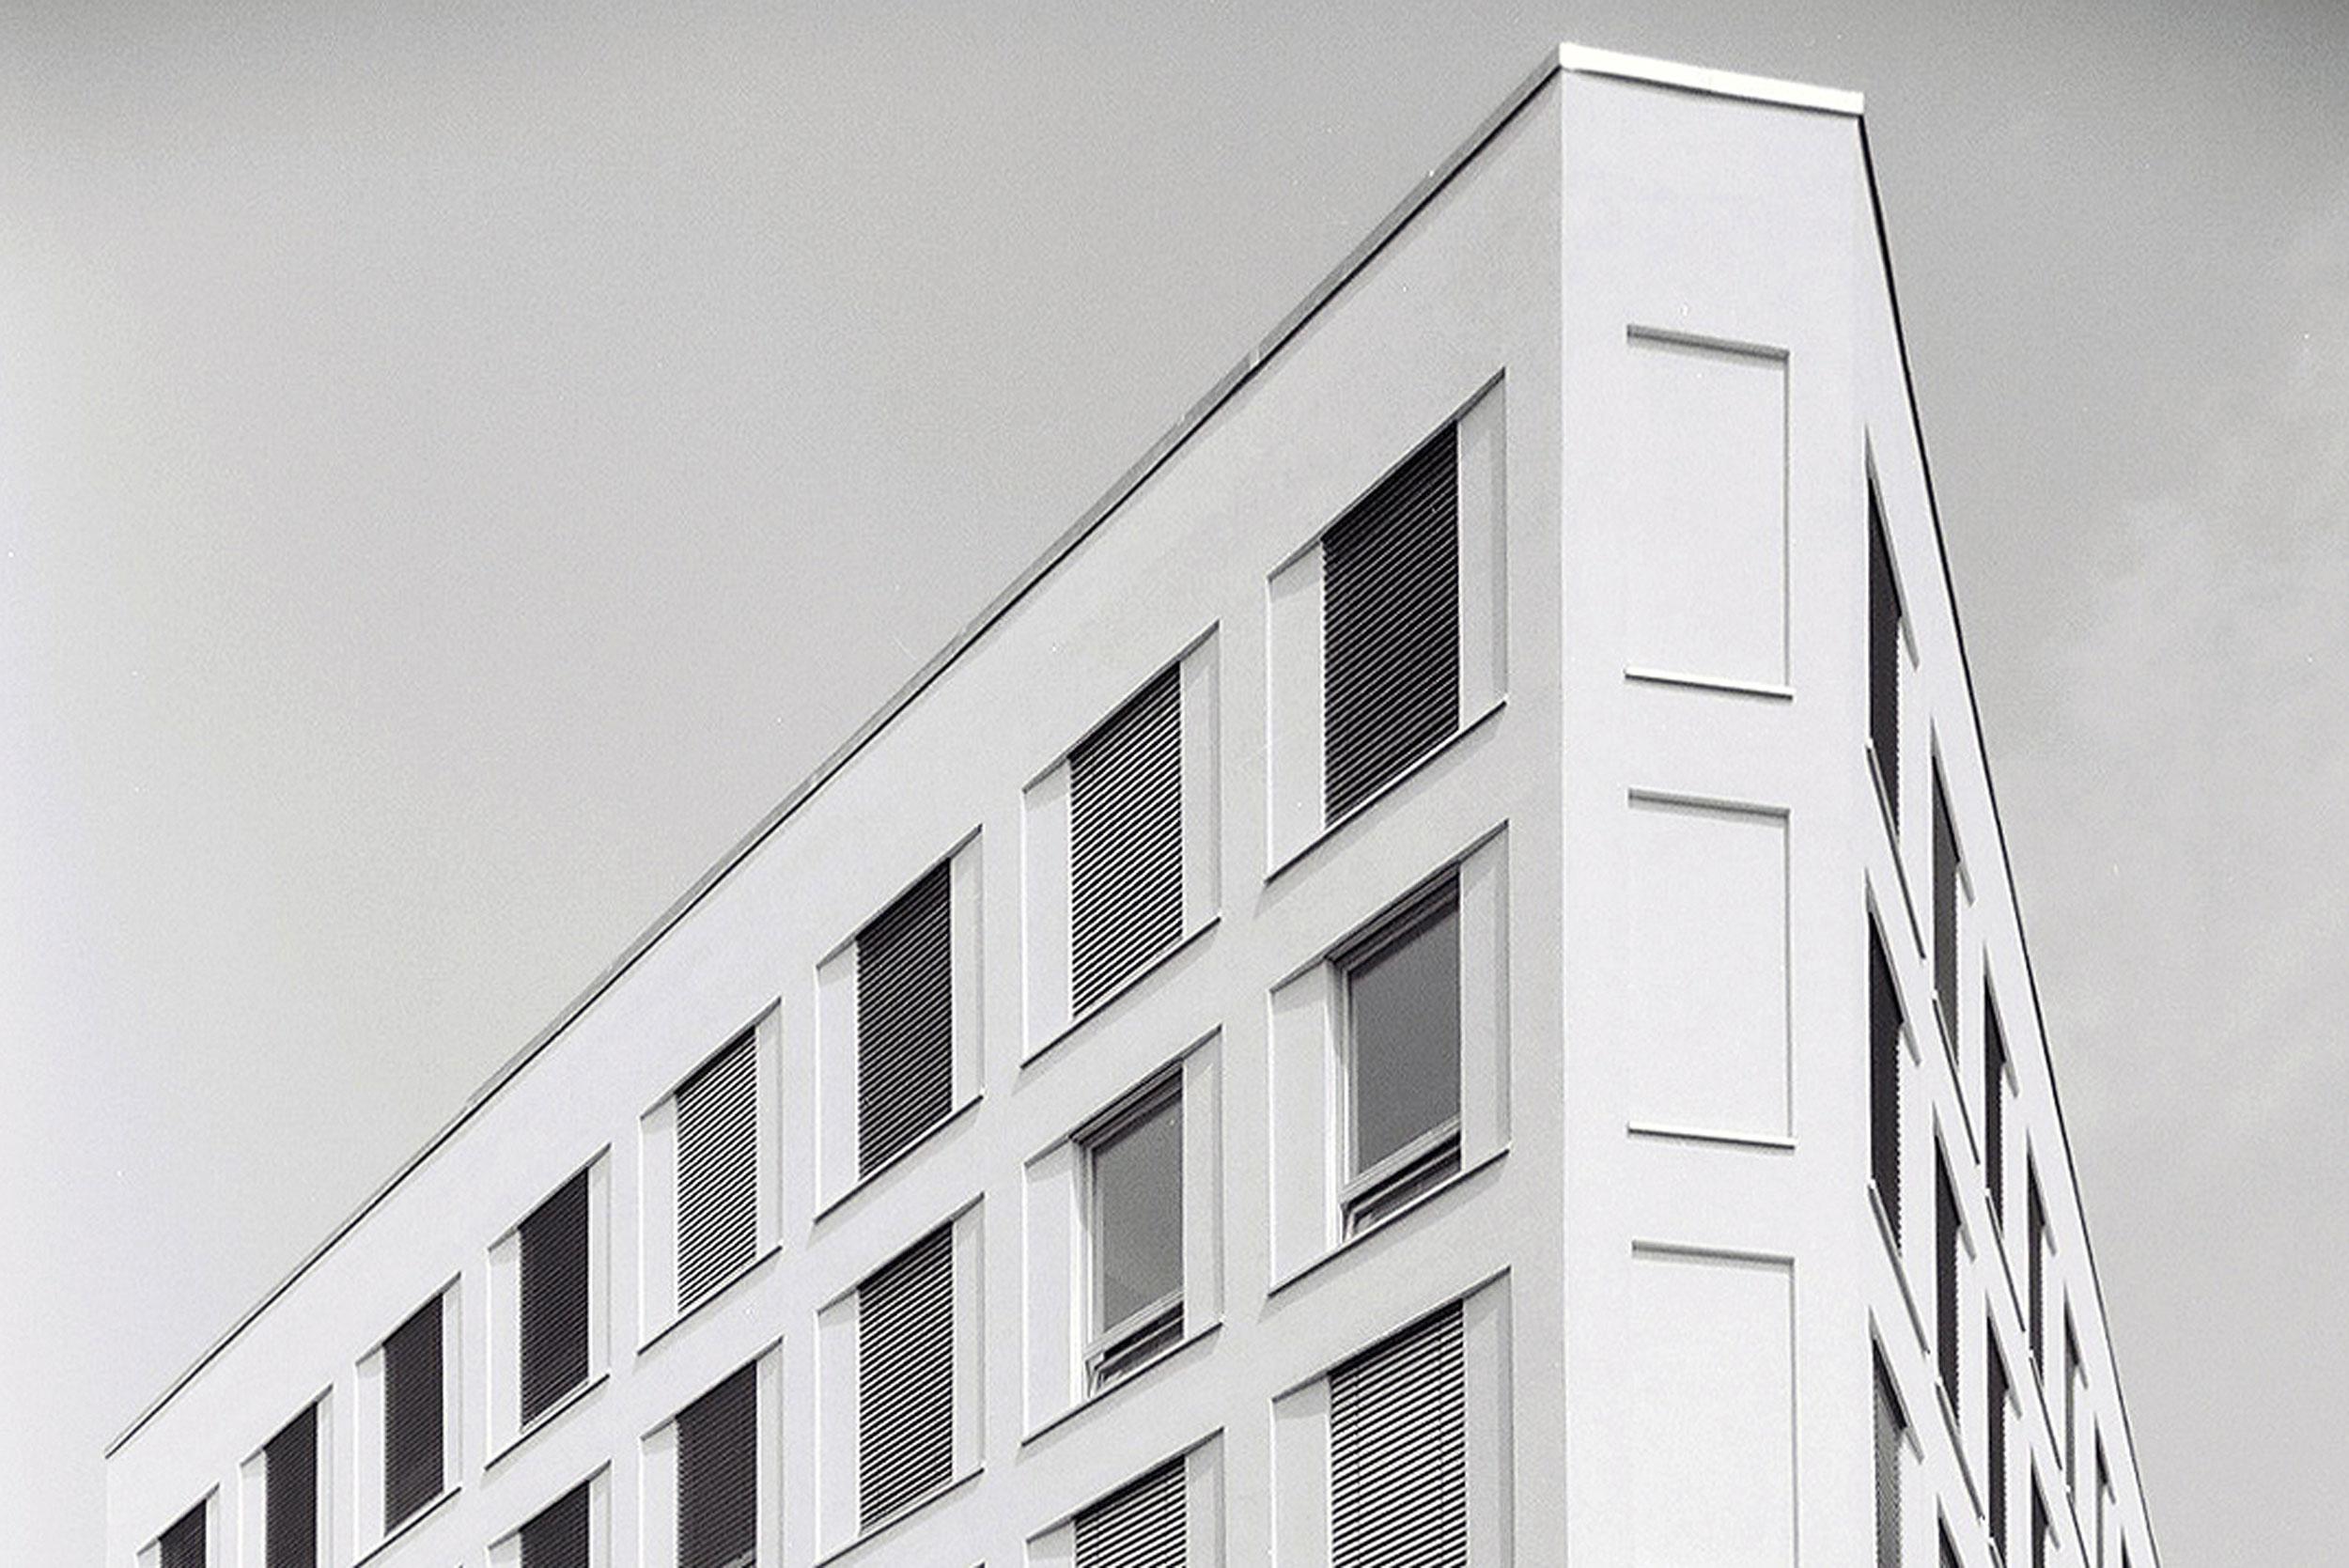 Neubau mit Vorbild Flat-Iron-Building - Geschäftshaus mit Penthouse als Eckbebauung